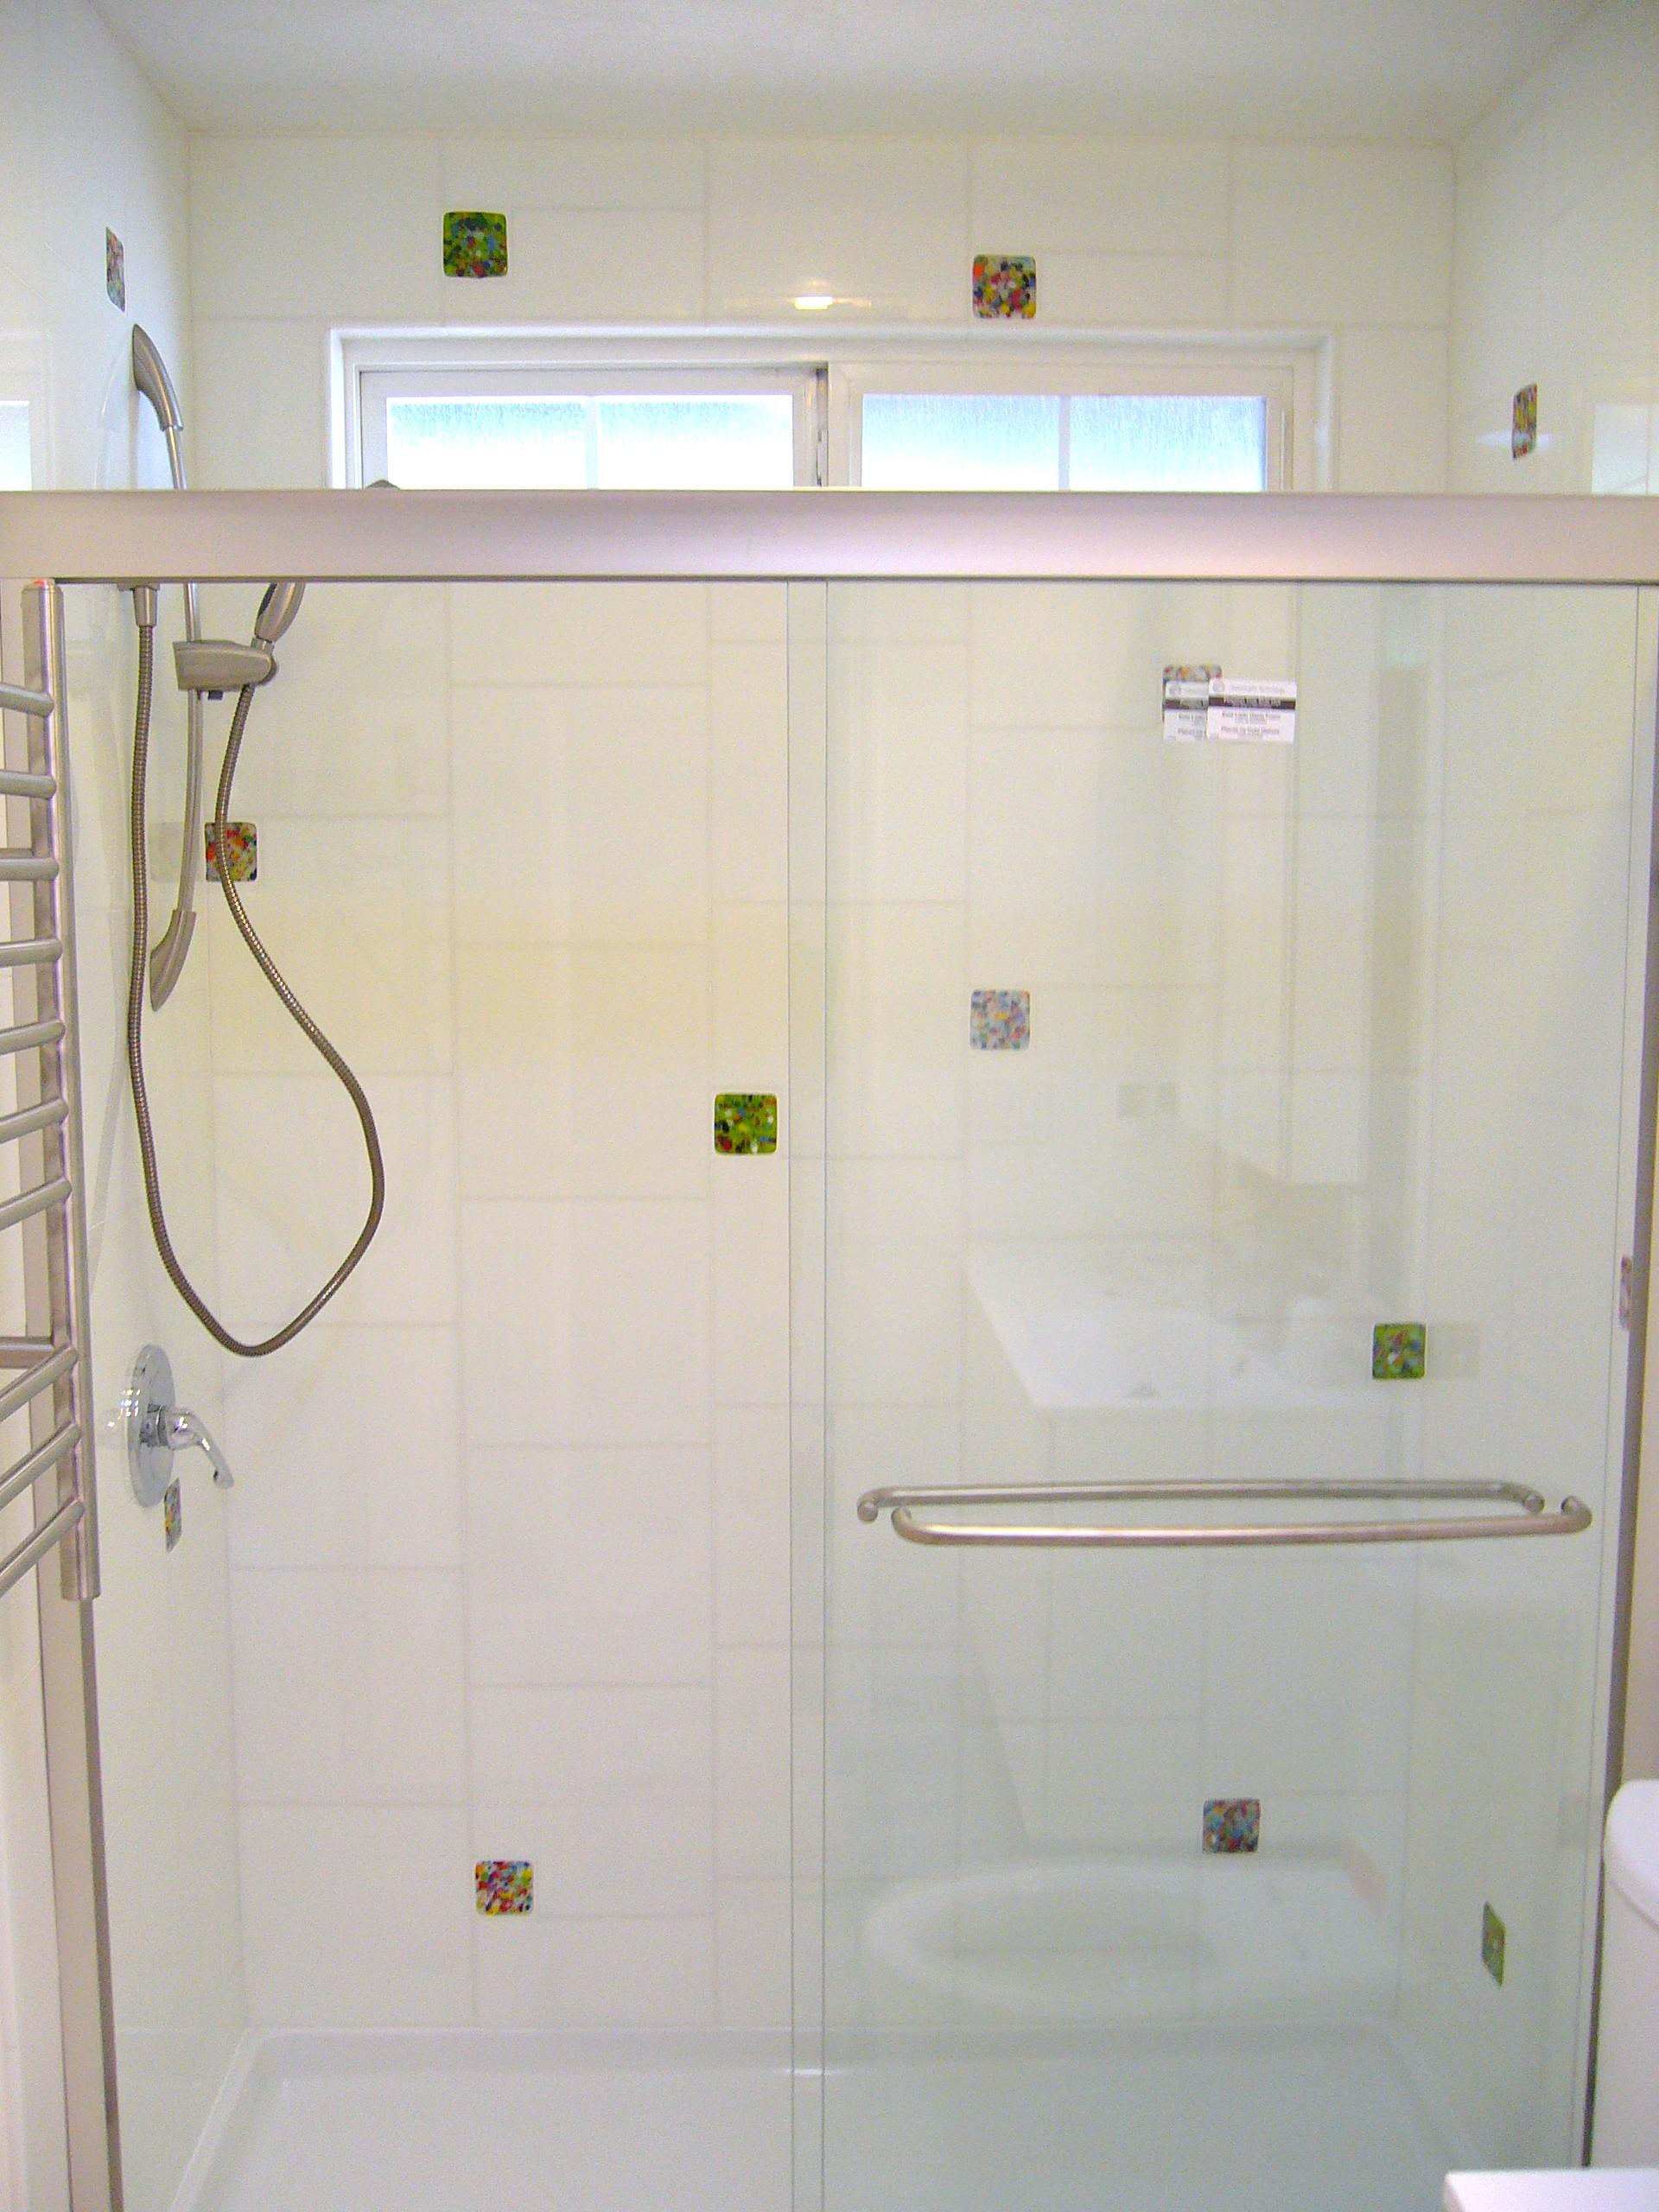 4 shower.JPG